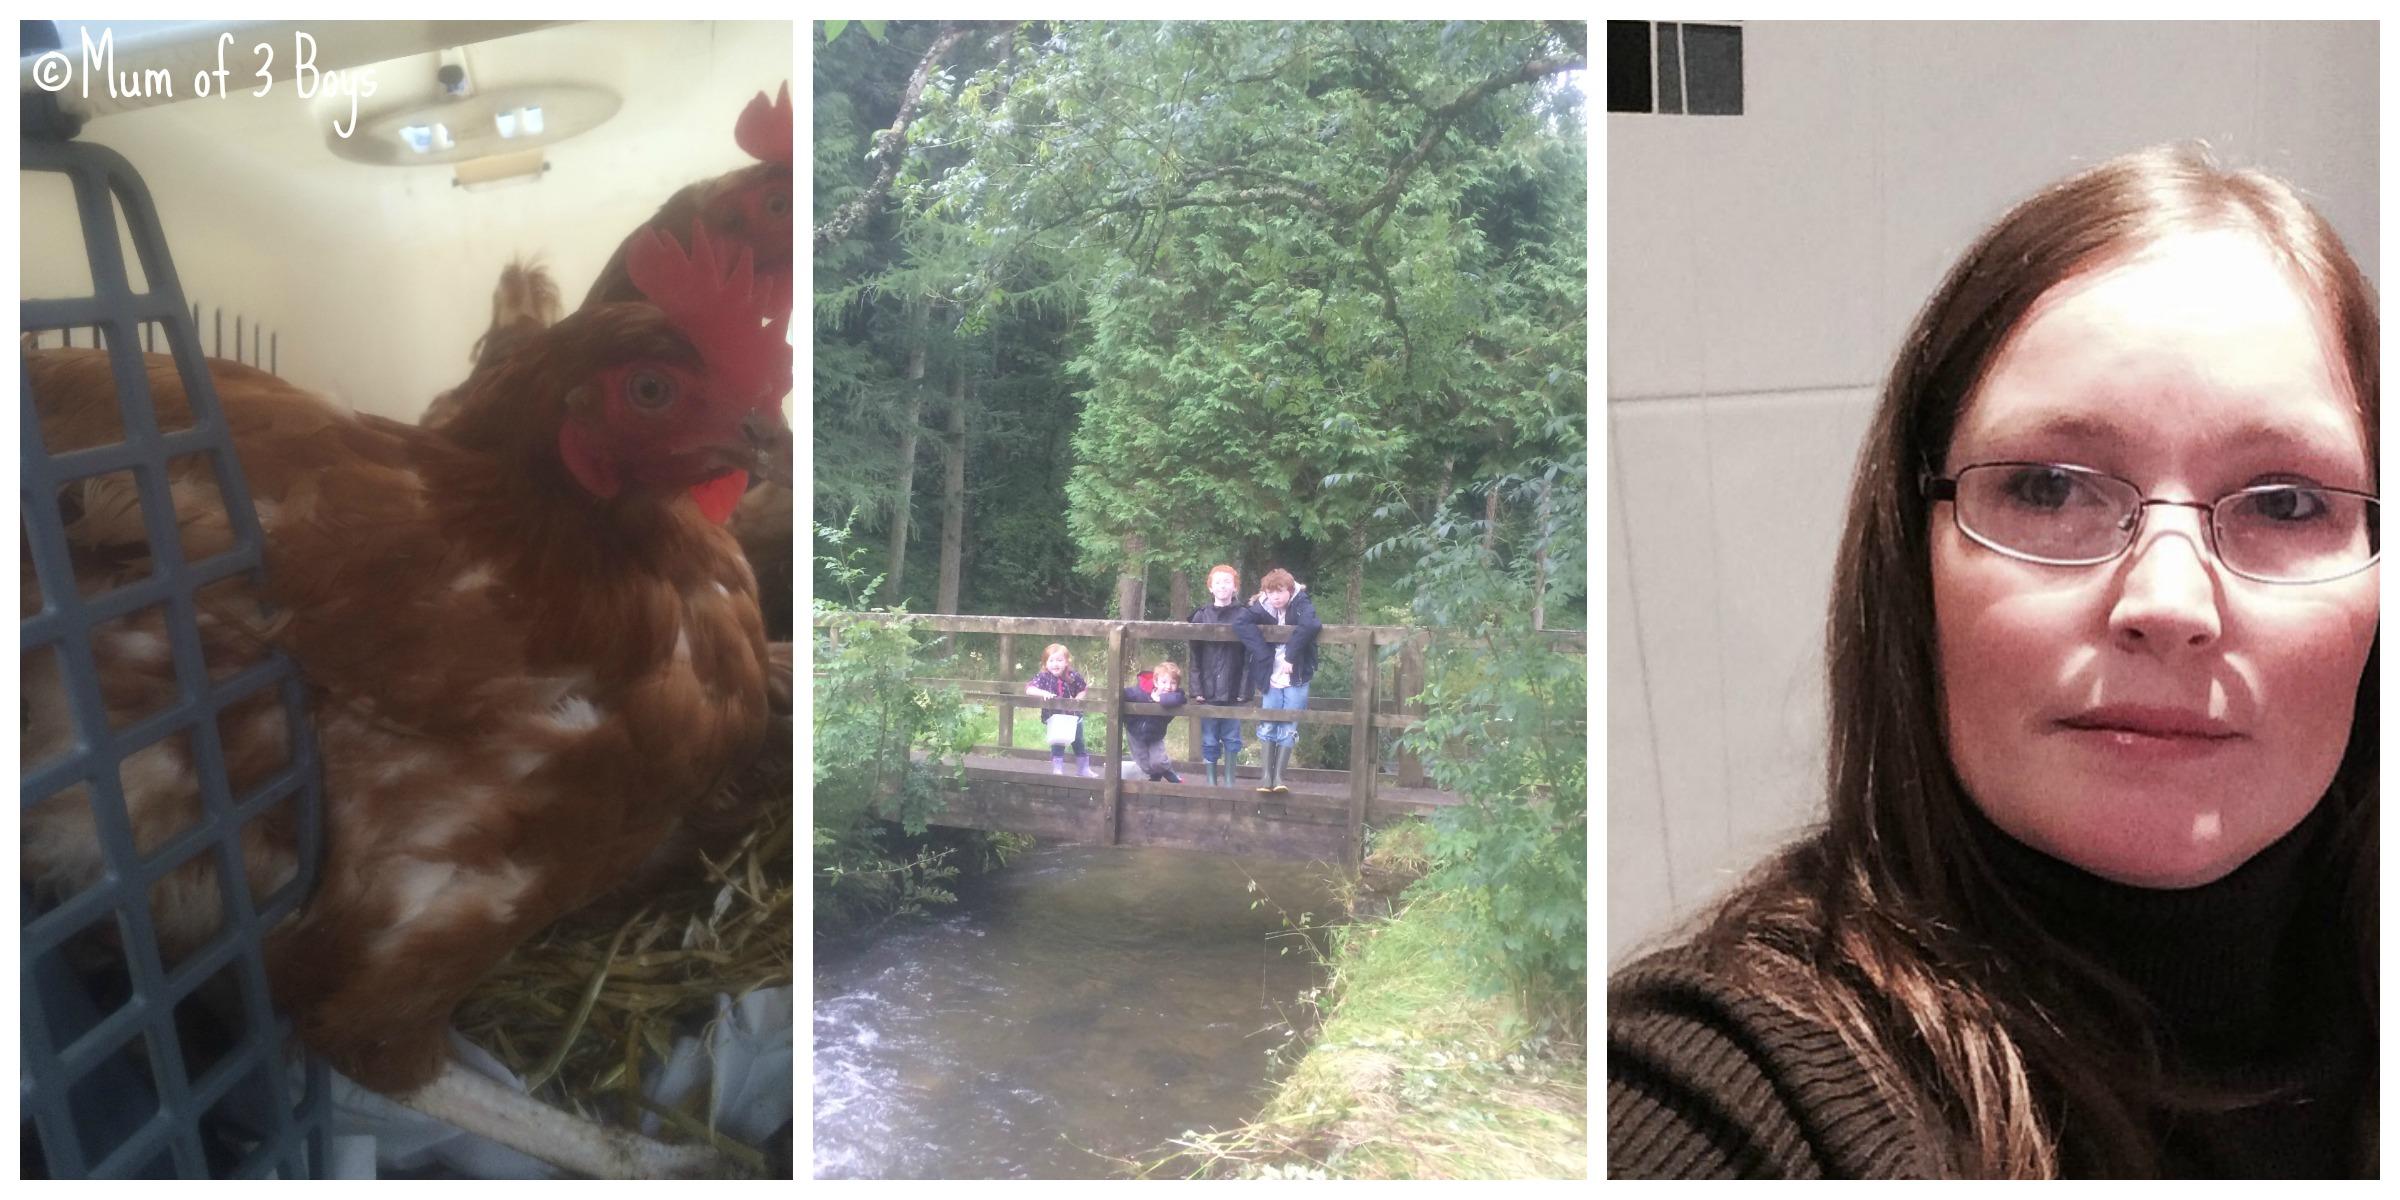 hen,me,family